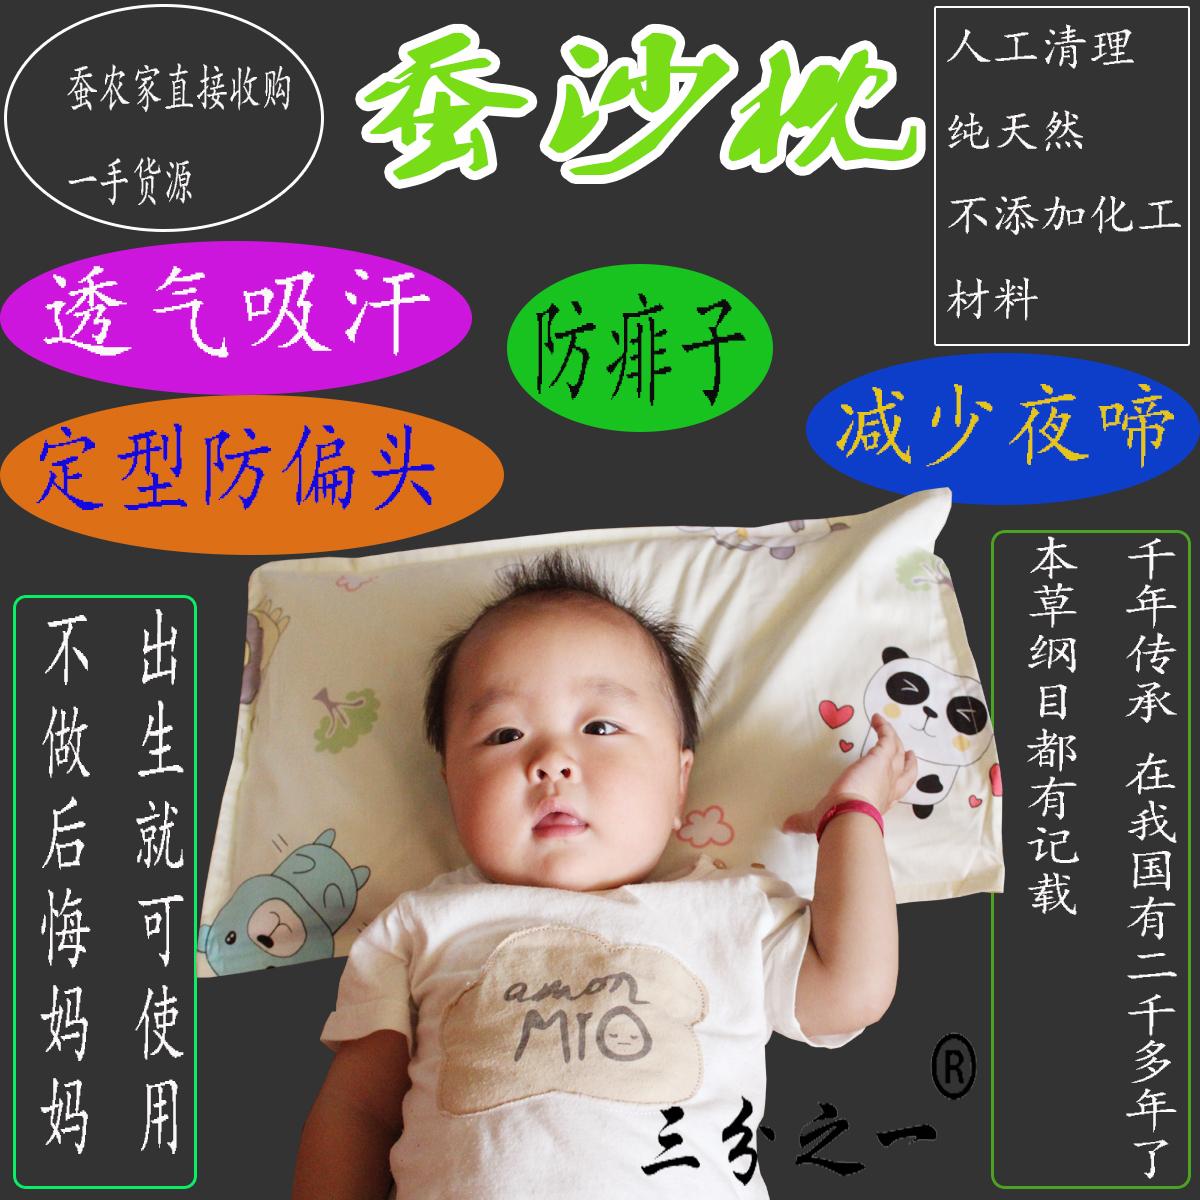 枕头婴儿定型枕  纯蚕沙蚕砂蚕屎蚕粪 宝宝 全棉卡通儿童枕头